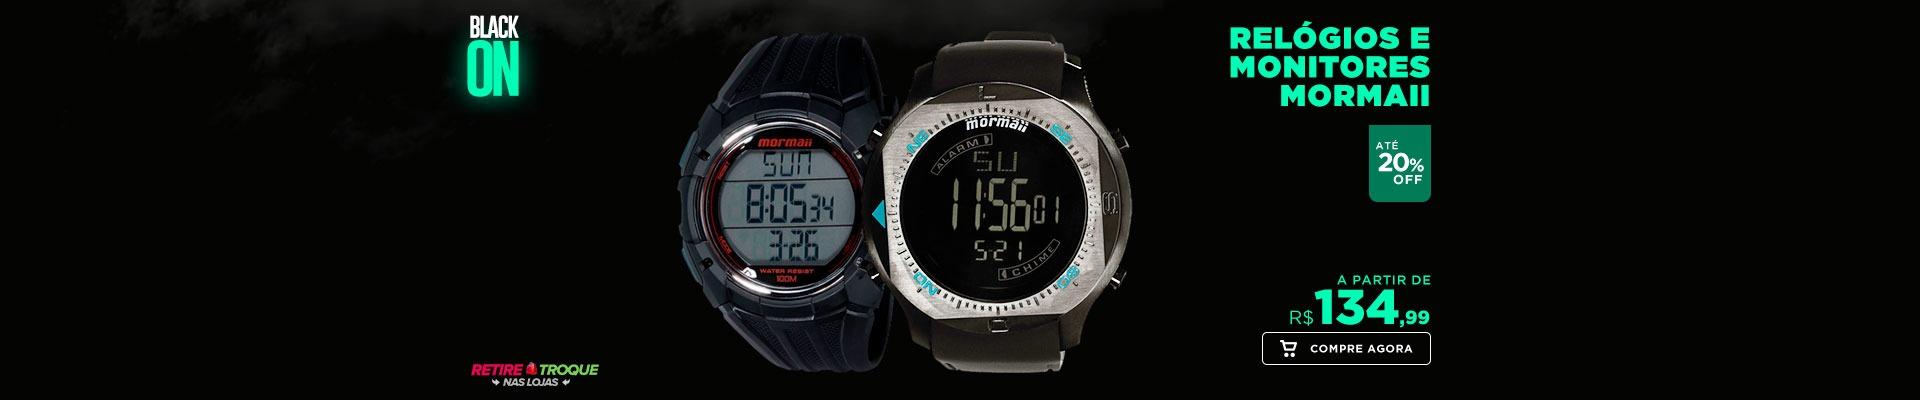 Relógios e monitores Mormaii